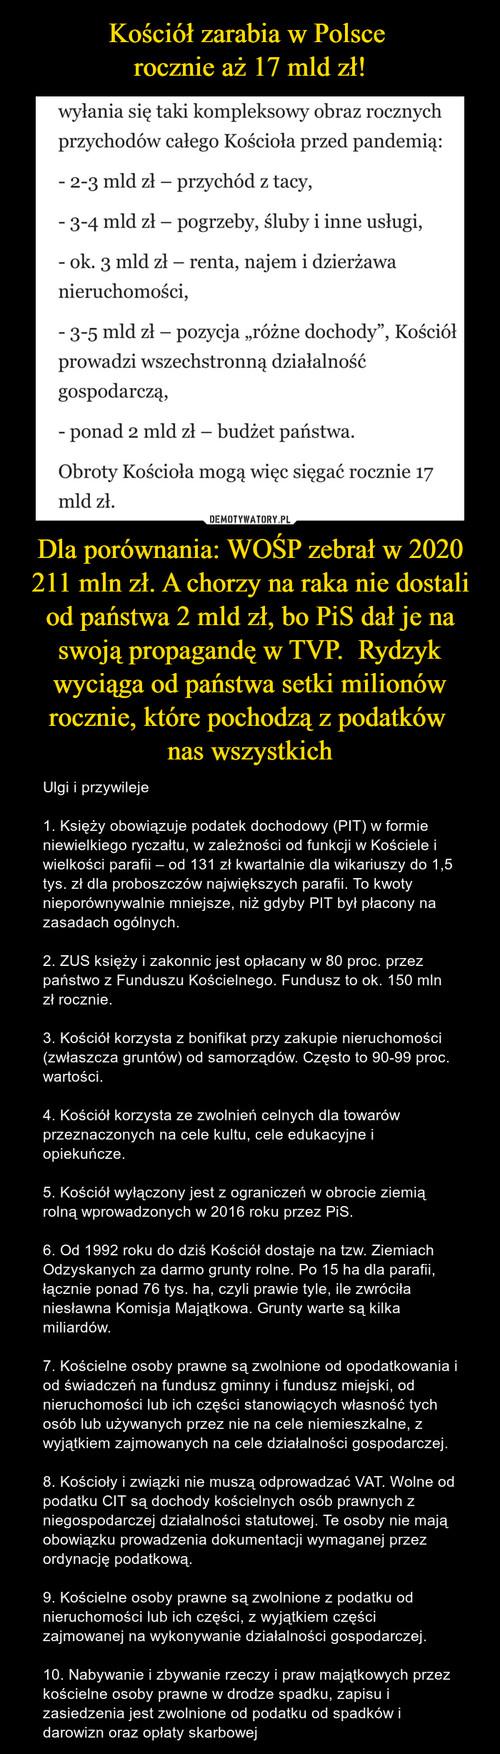 Kościół zarabia w Polsce  rocznie aż 17 mld zł! Dla porównania: WOŚP zebrał w 2020 211 mln zł. A chorzy na raka nie dostali od państwa 2 mld zł, bo PiS dał je na swoją propagandę w TVP.  Rydzyk wyciąga od państwa setki milionów rocznie, które pochodzą z podatków  nas wszystkich